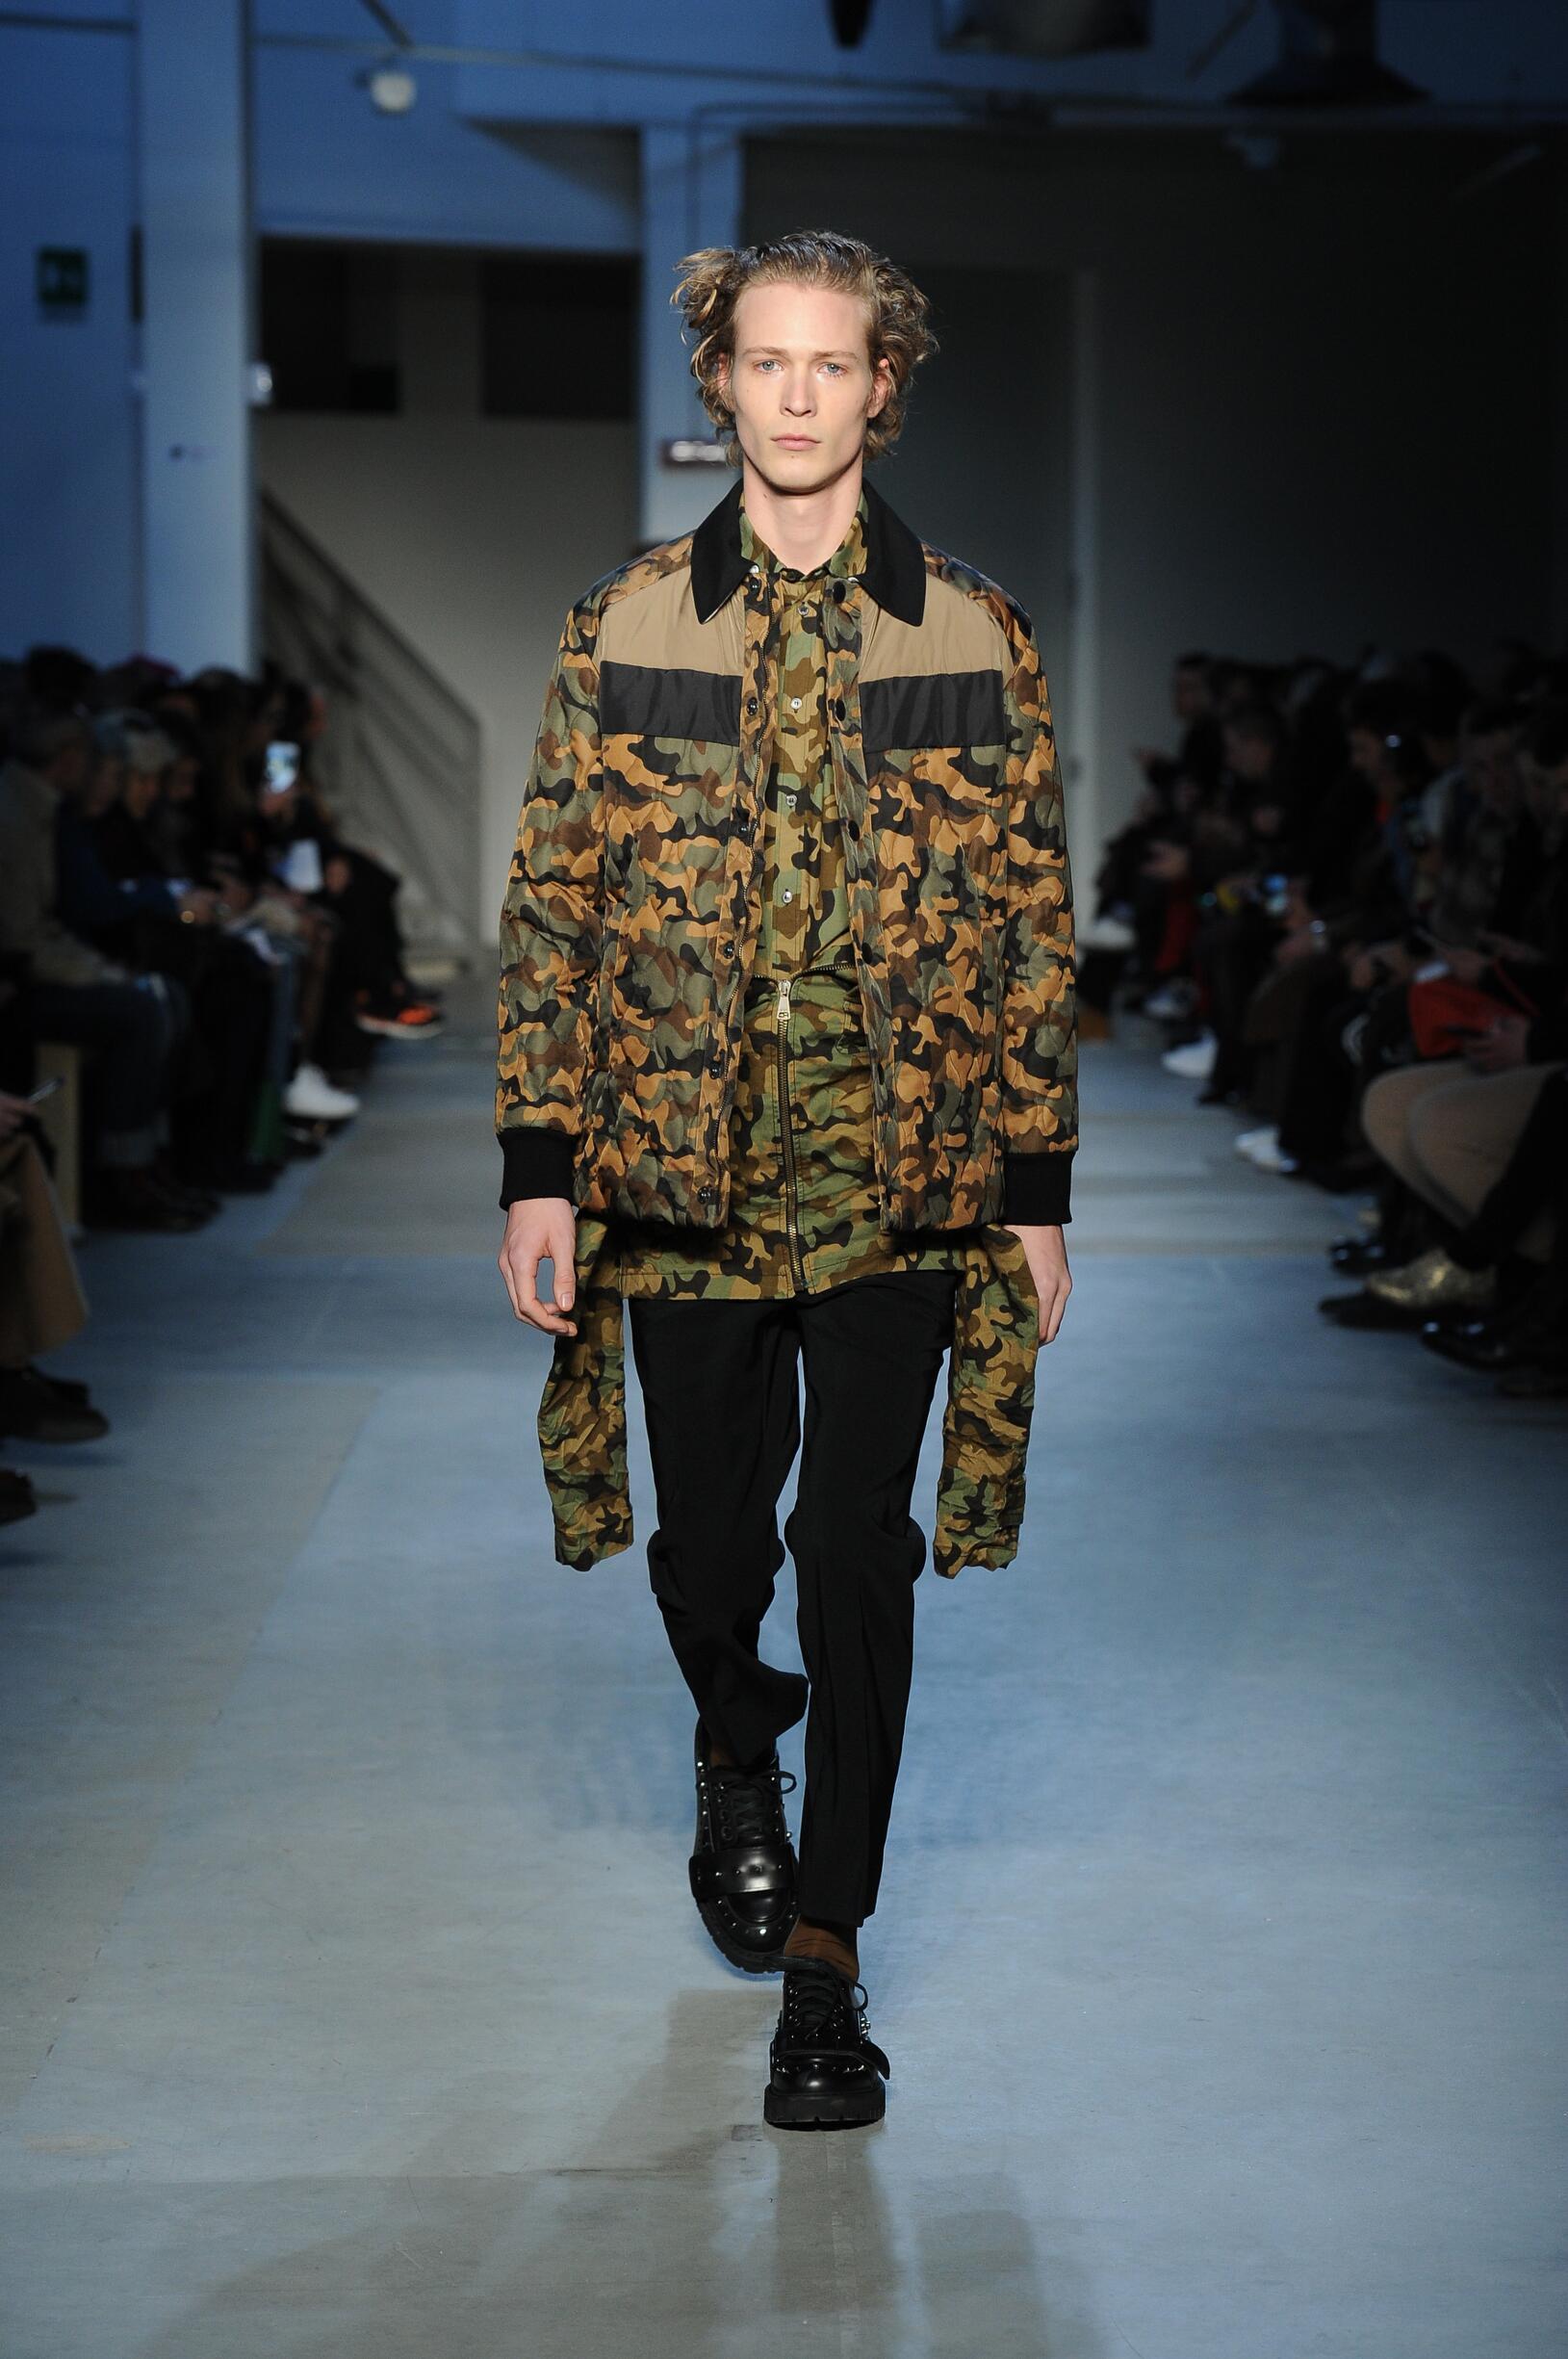 N°21 Fashion Show FW 2017